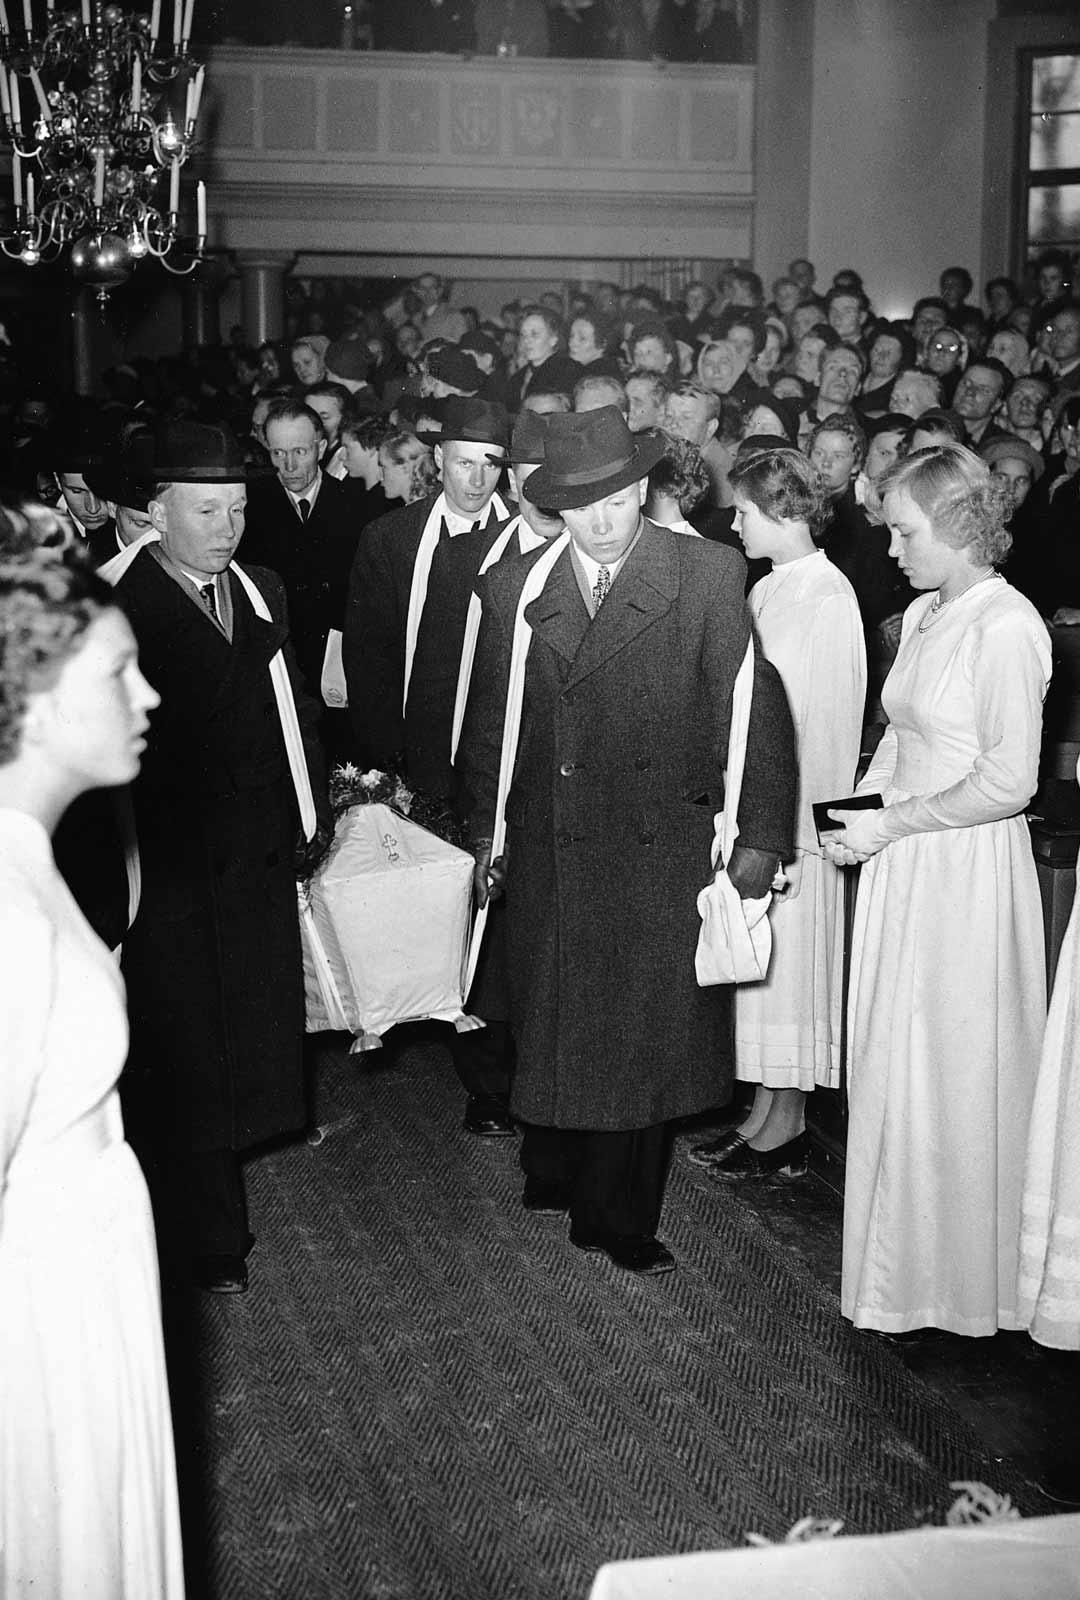 Kyllikki Saari haudattiin 25.10.1953. Tilaisuuteen osallistui noin 25 000 ihmistä.